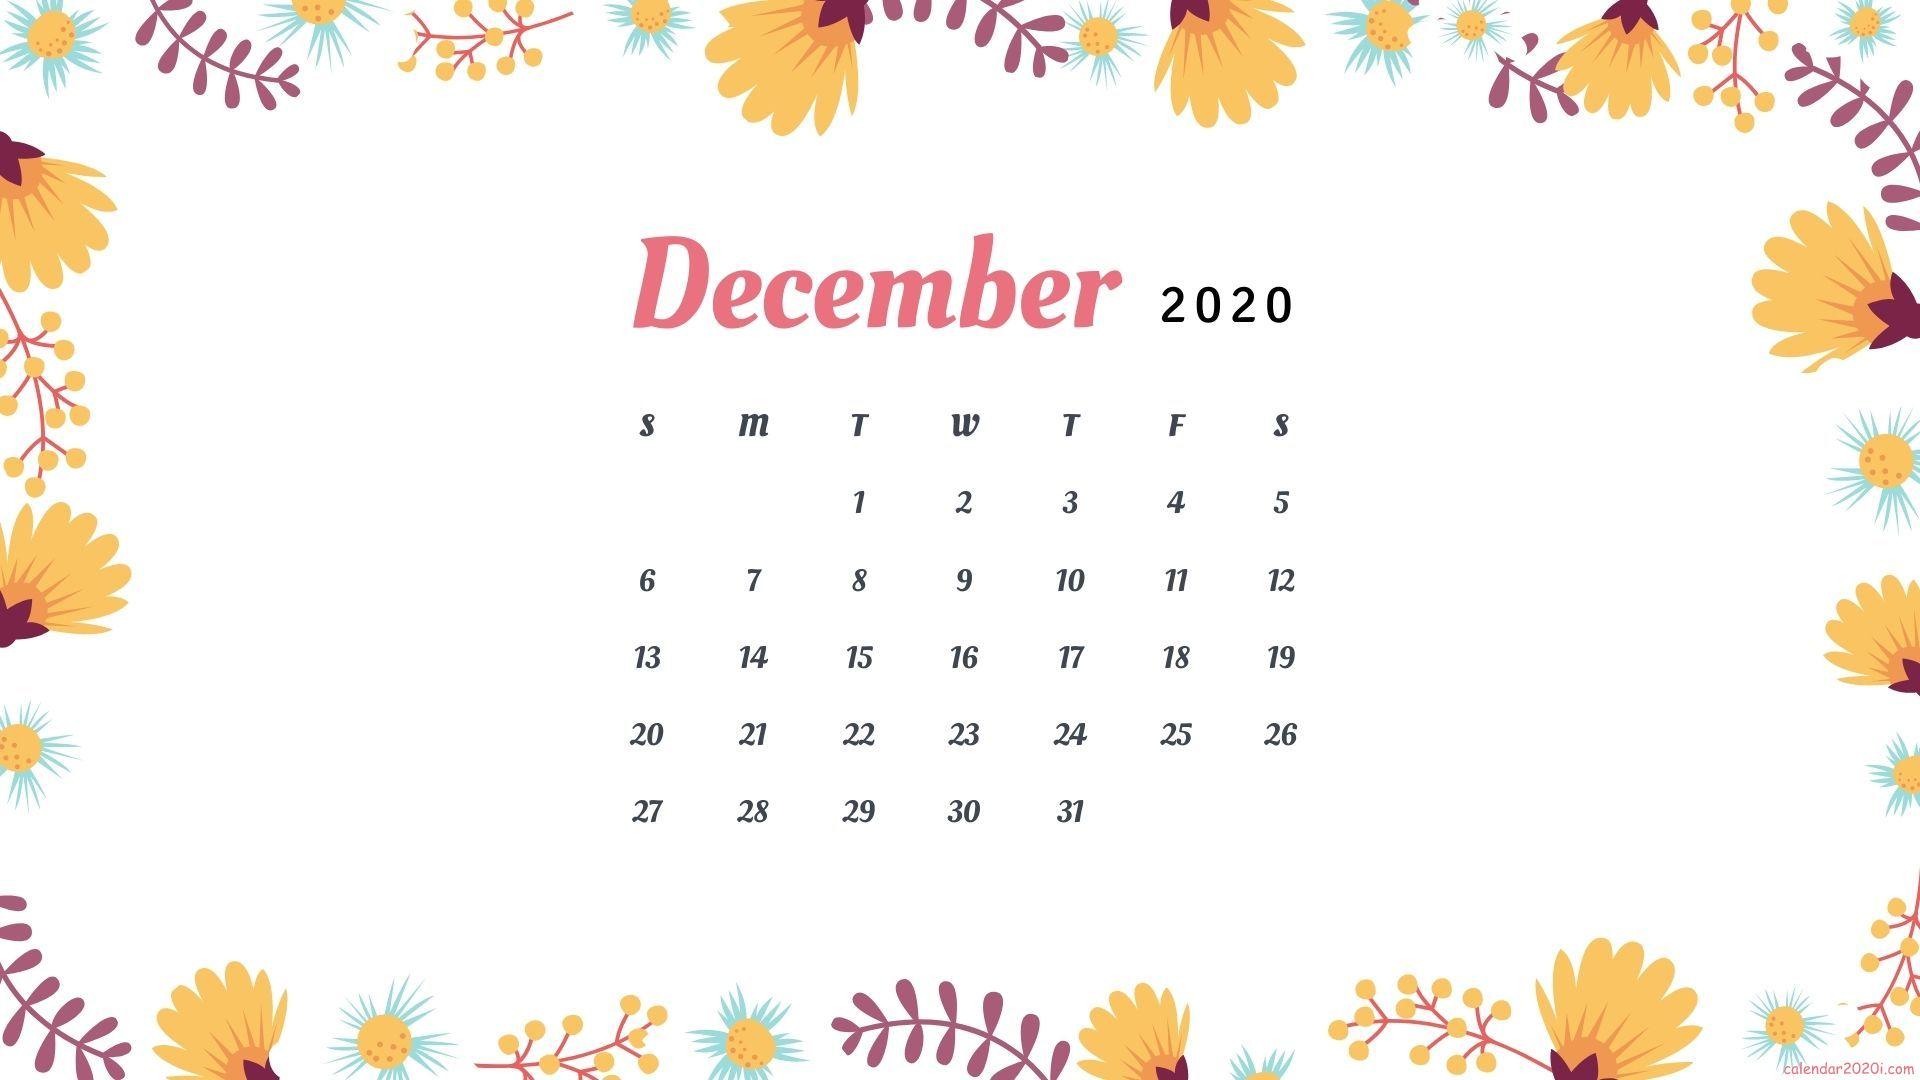 December 2020 Calendar HD Wallpapers Download Calendar 2020 1920x1080